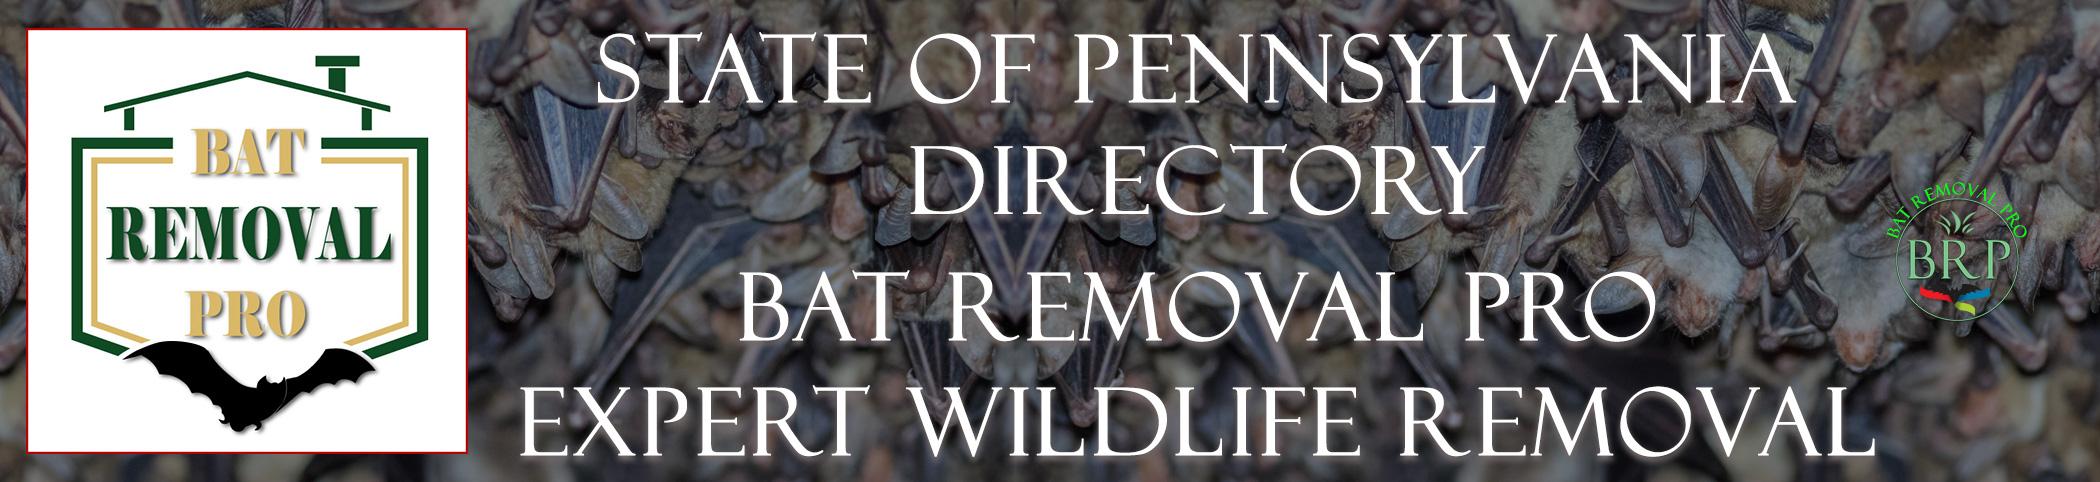 PENNSYLVANIA-bat-removal-at-bat-removal-pro-header-image